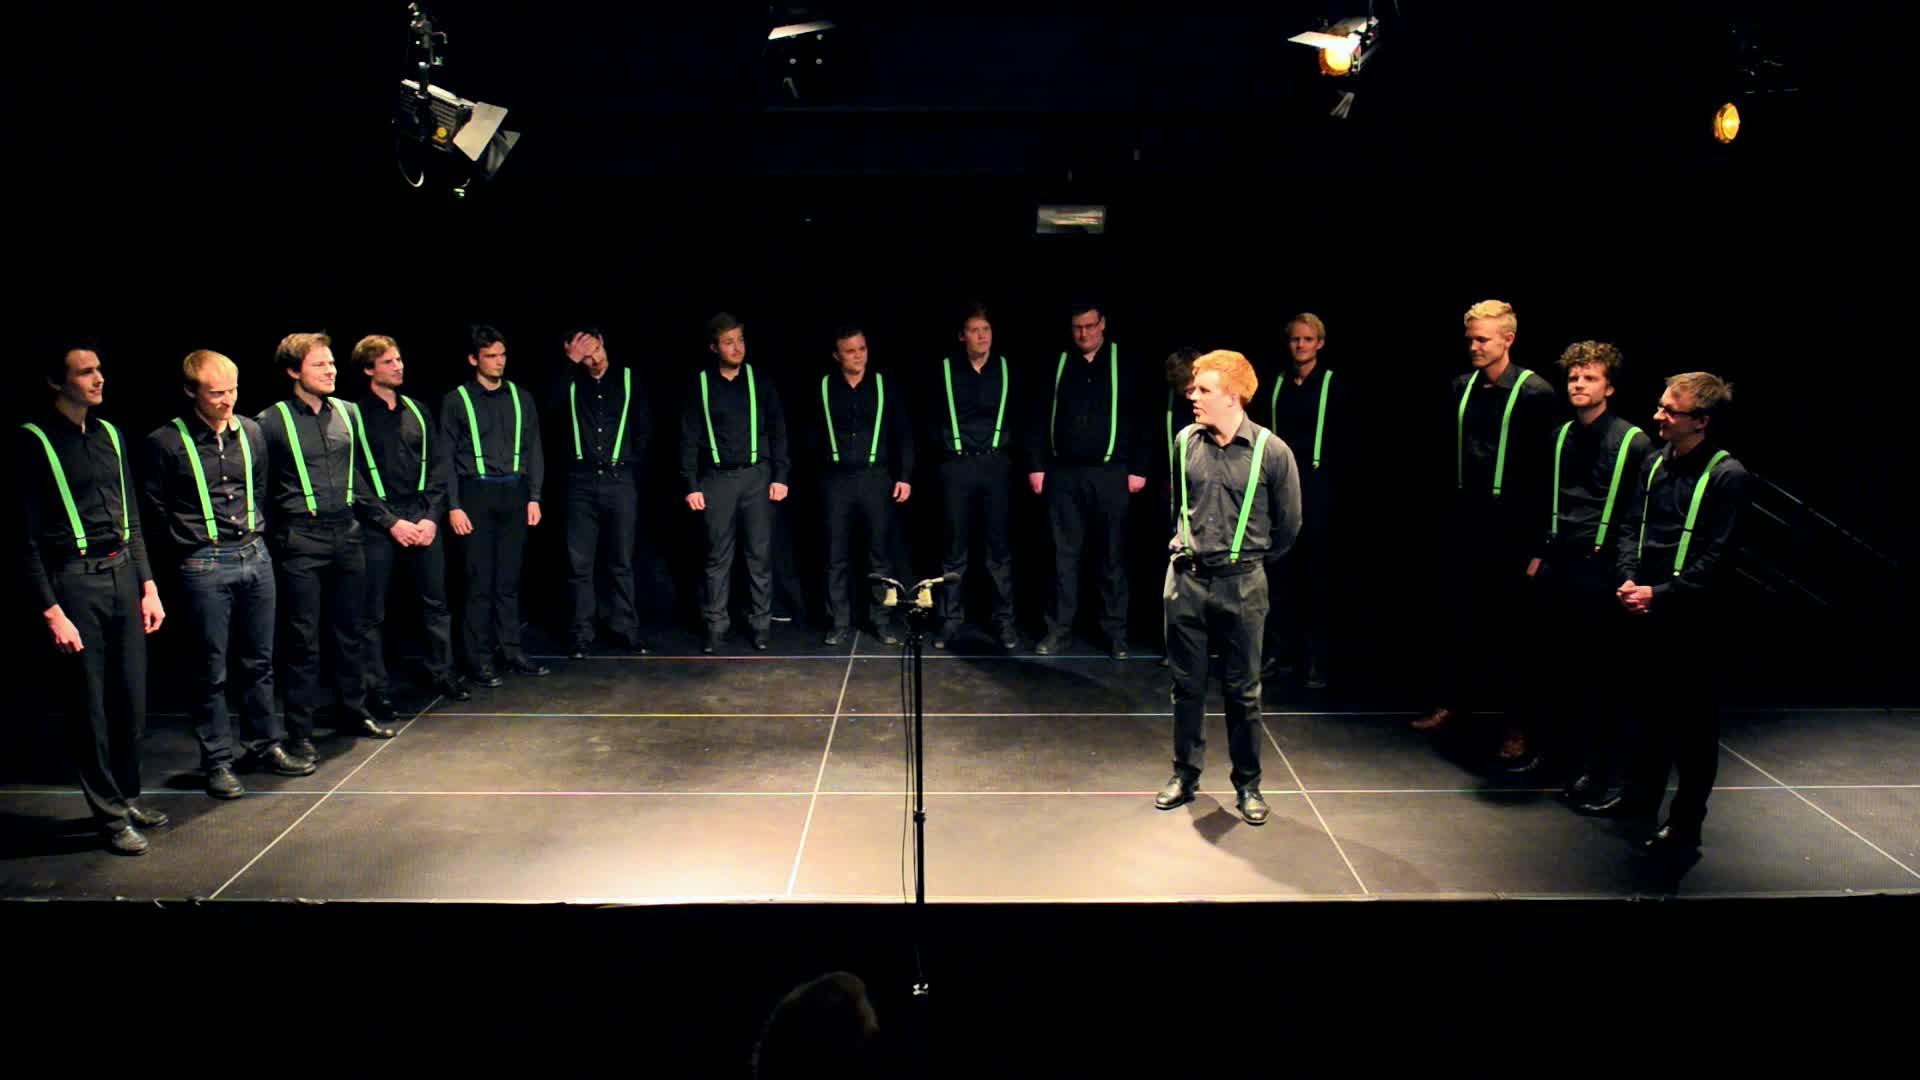 Korkonsert vår '14: Men in Tights